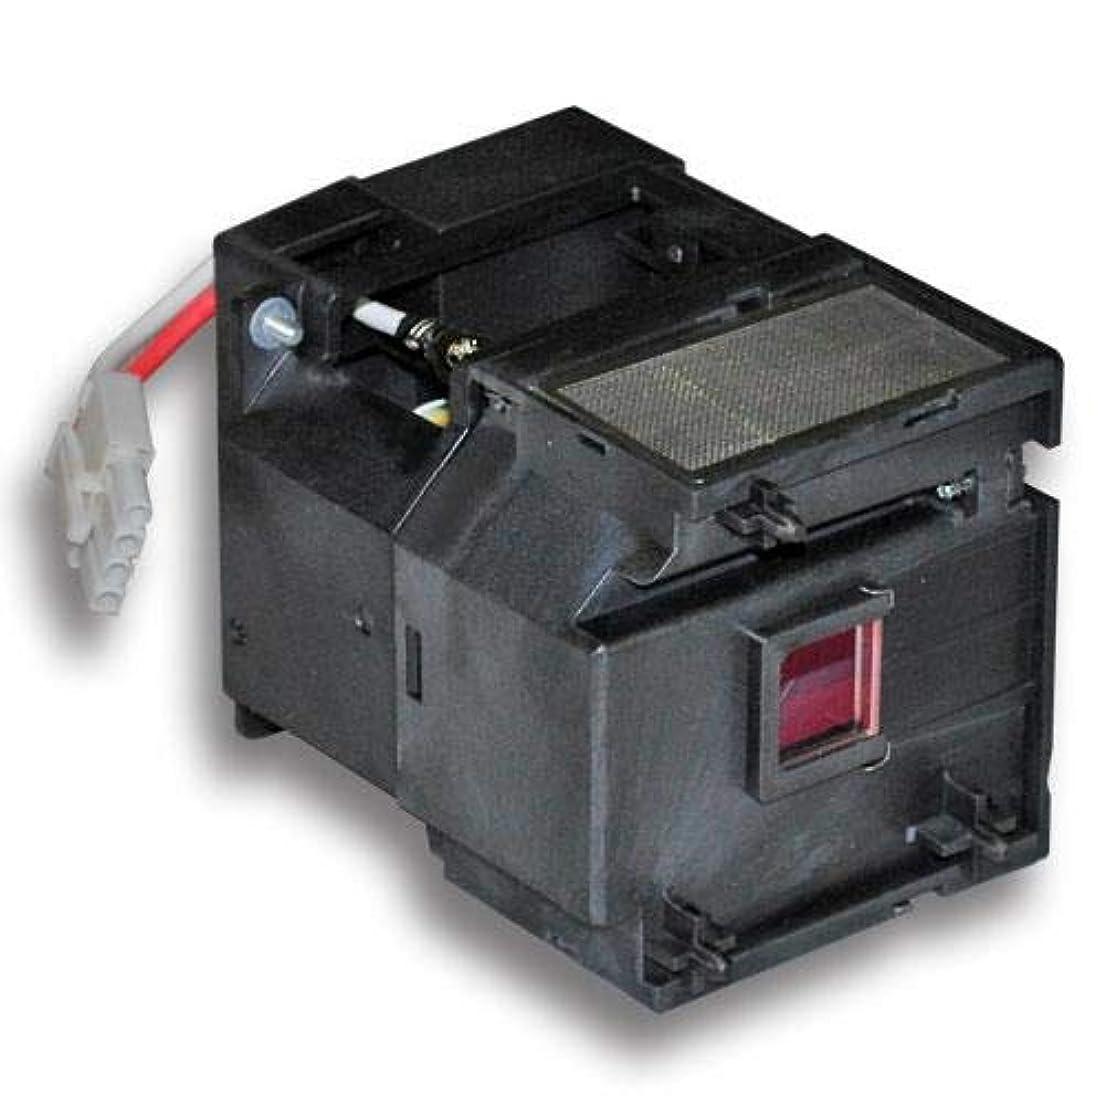 暴露するイソギンチャク女将Pureglare INFOCUS X3 プロジェクター交換用ランプ 汎用 150日間安心保証つき